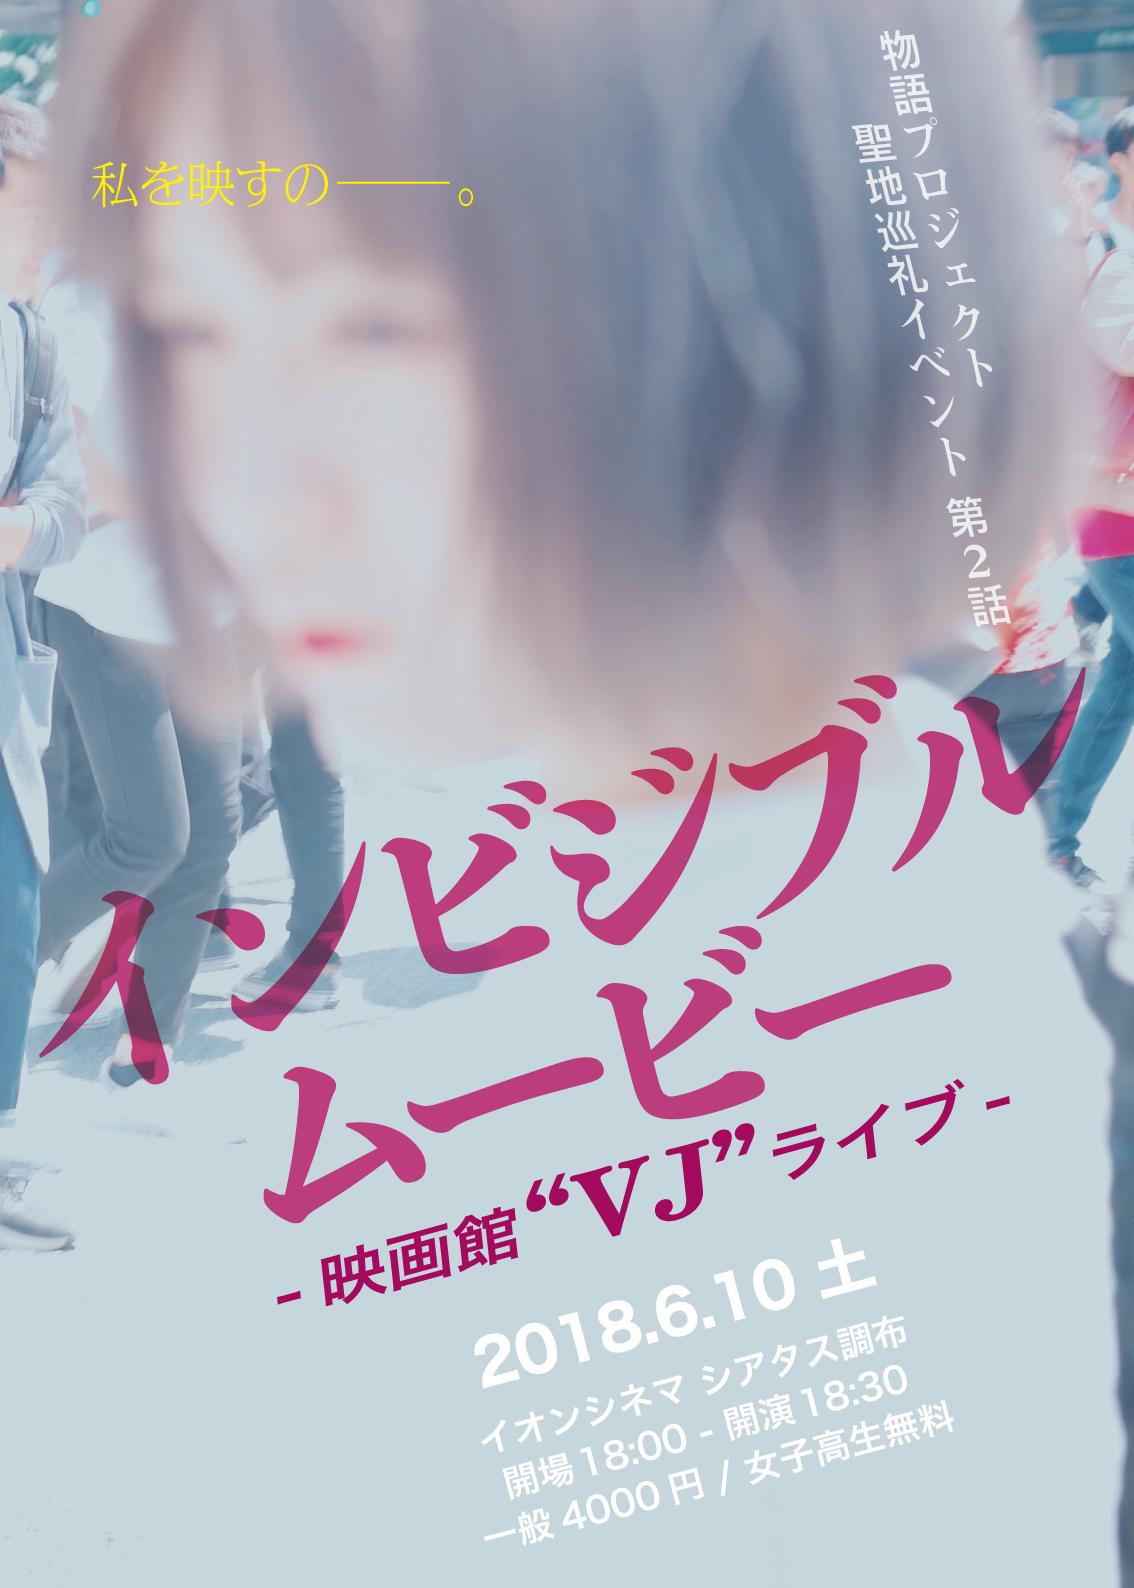 """物語プロジェクト聖地巡礼イベント ~映画館""""VJ""""ライブ~"""